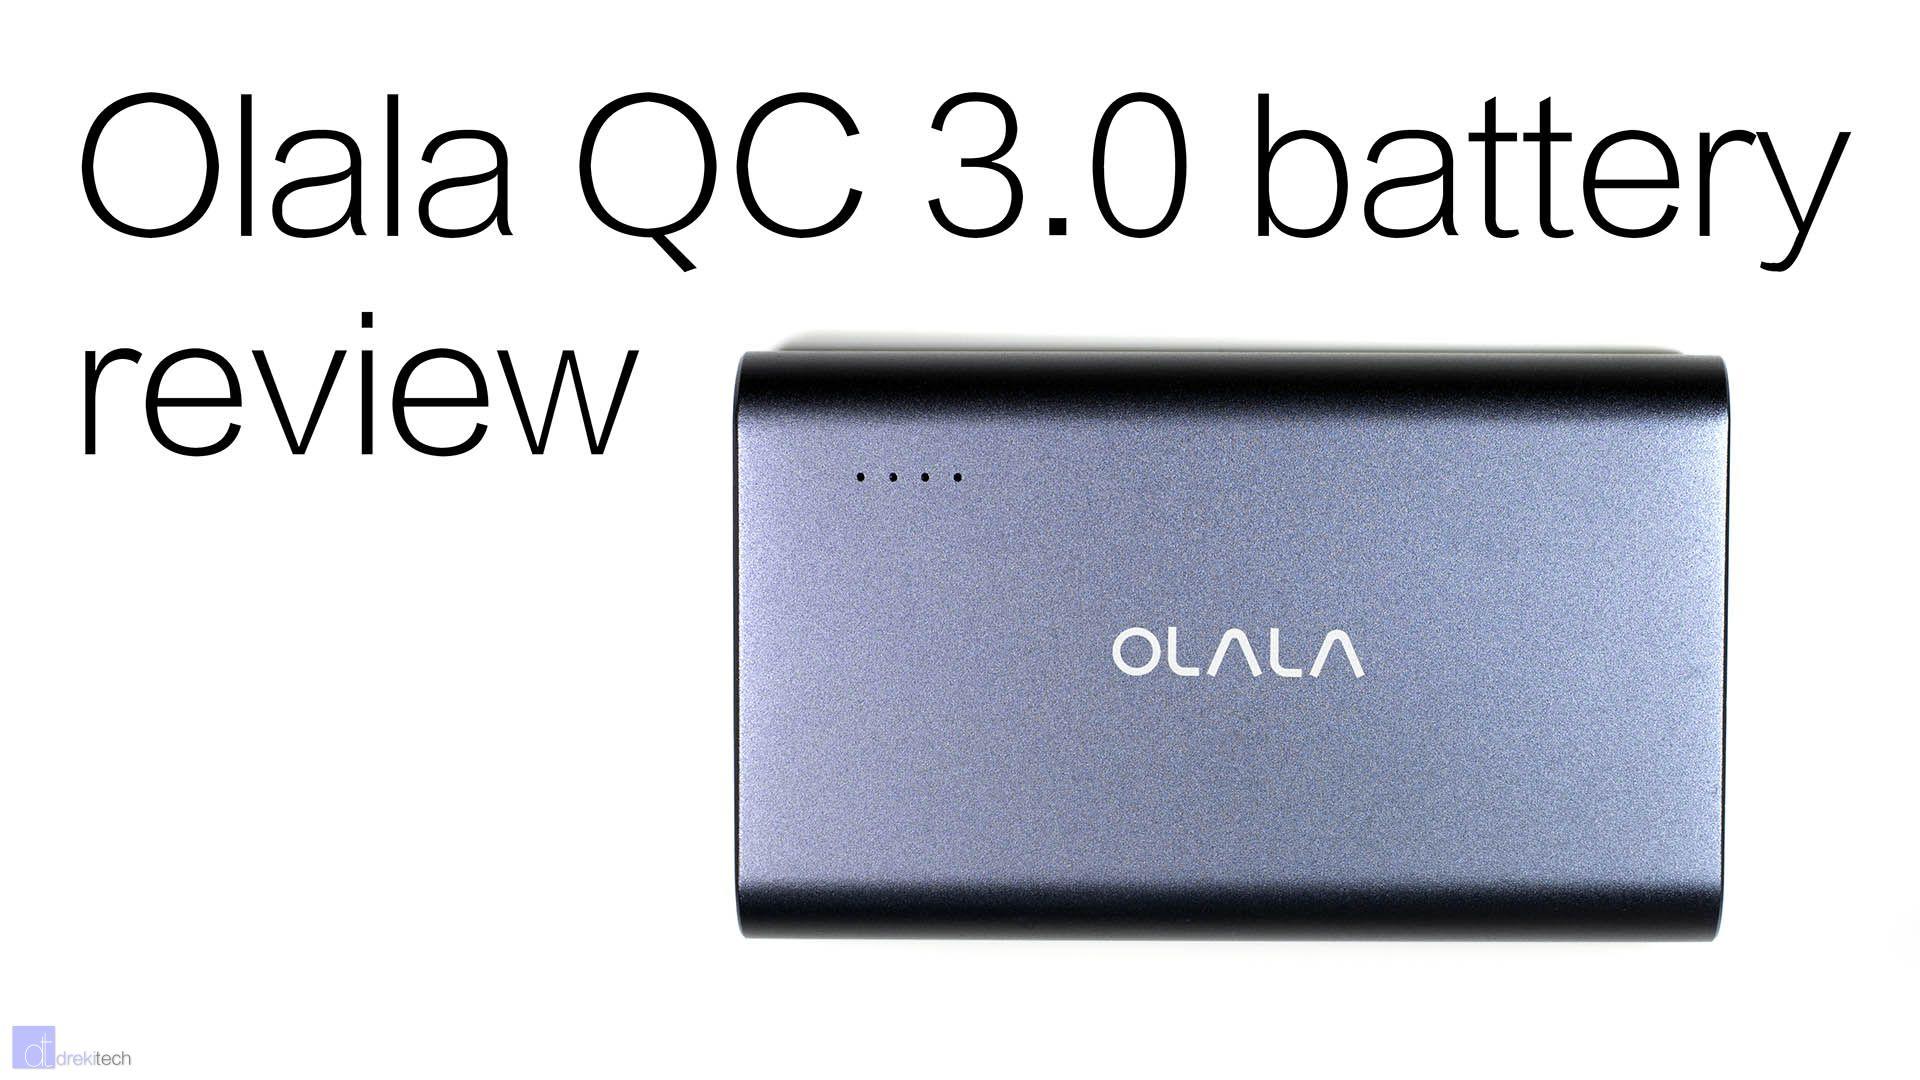 Olala 10,500 Battery Bank